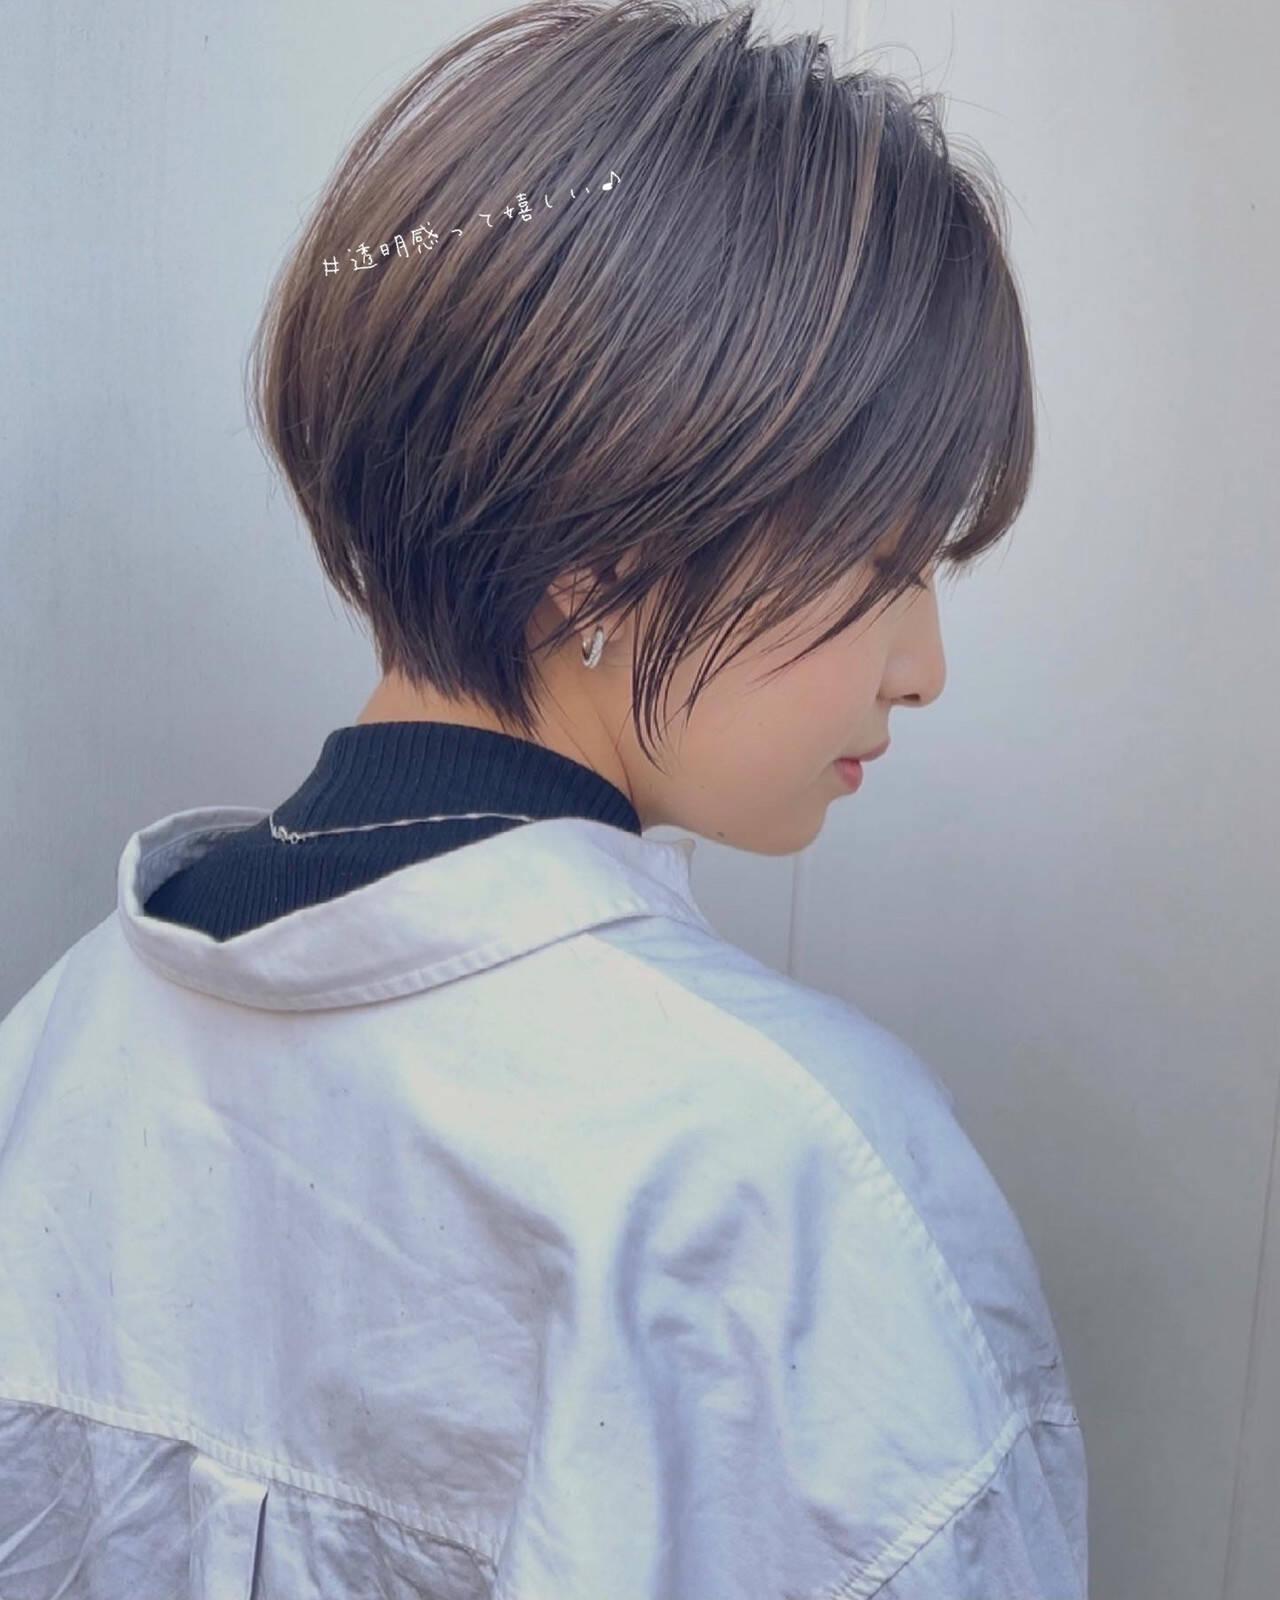 ミニボブ ショートボブ フェミニン ショートヘアヘアスタイルや髪型の写真・画像